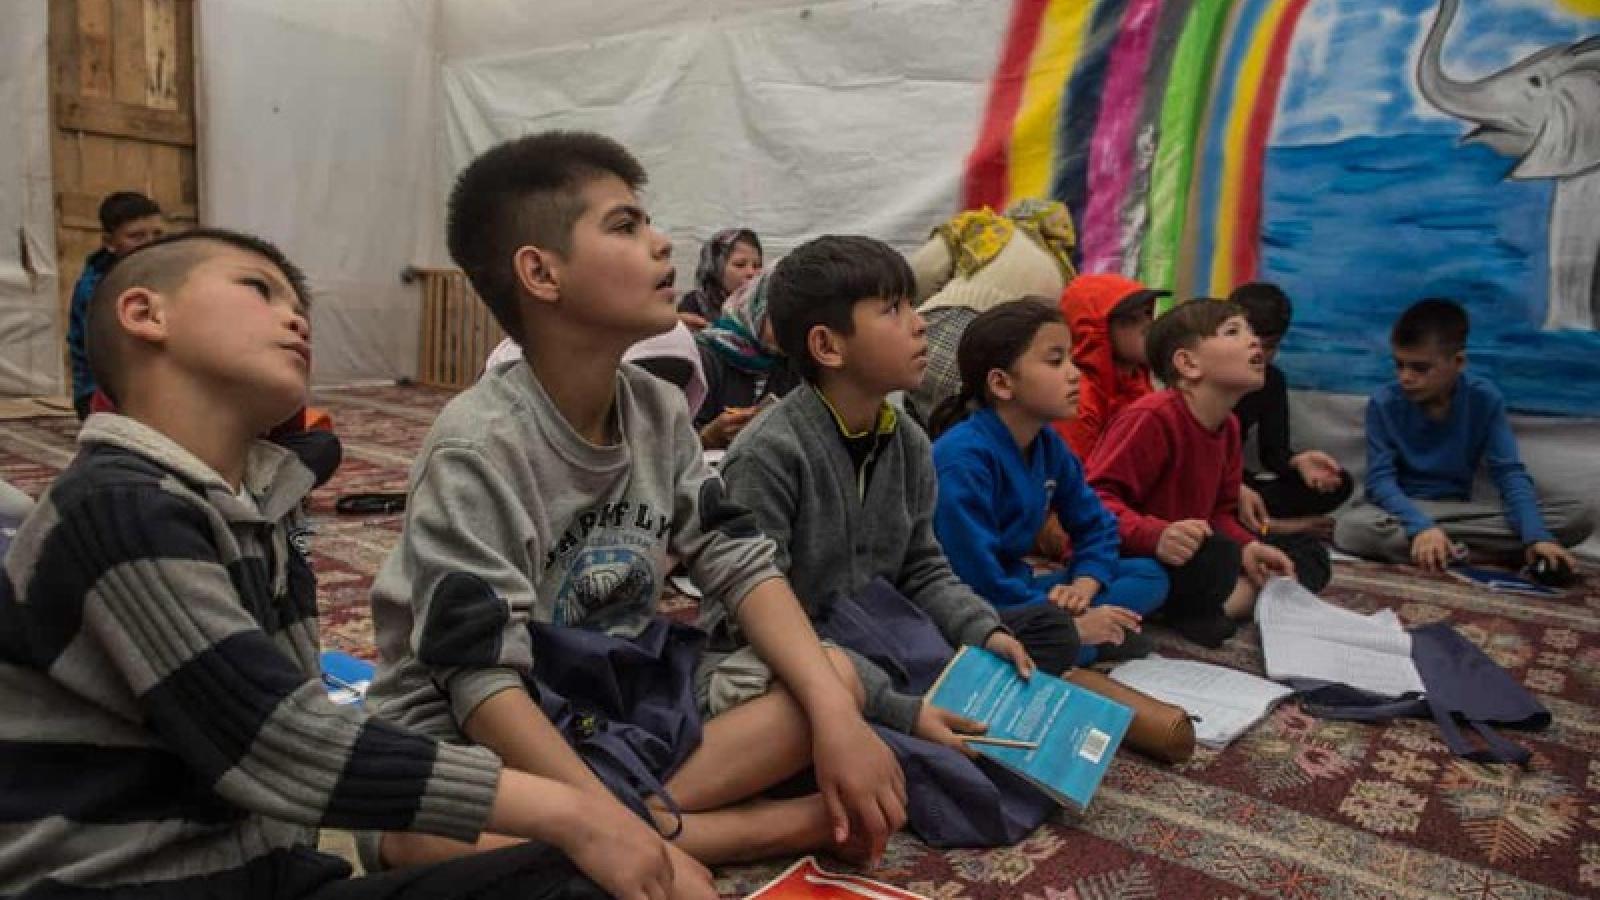 Hy Lạp sẽ đưa trẻ tị nạn không có người đi kèm sang các nước EU